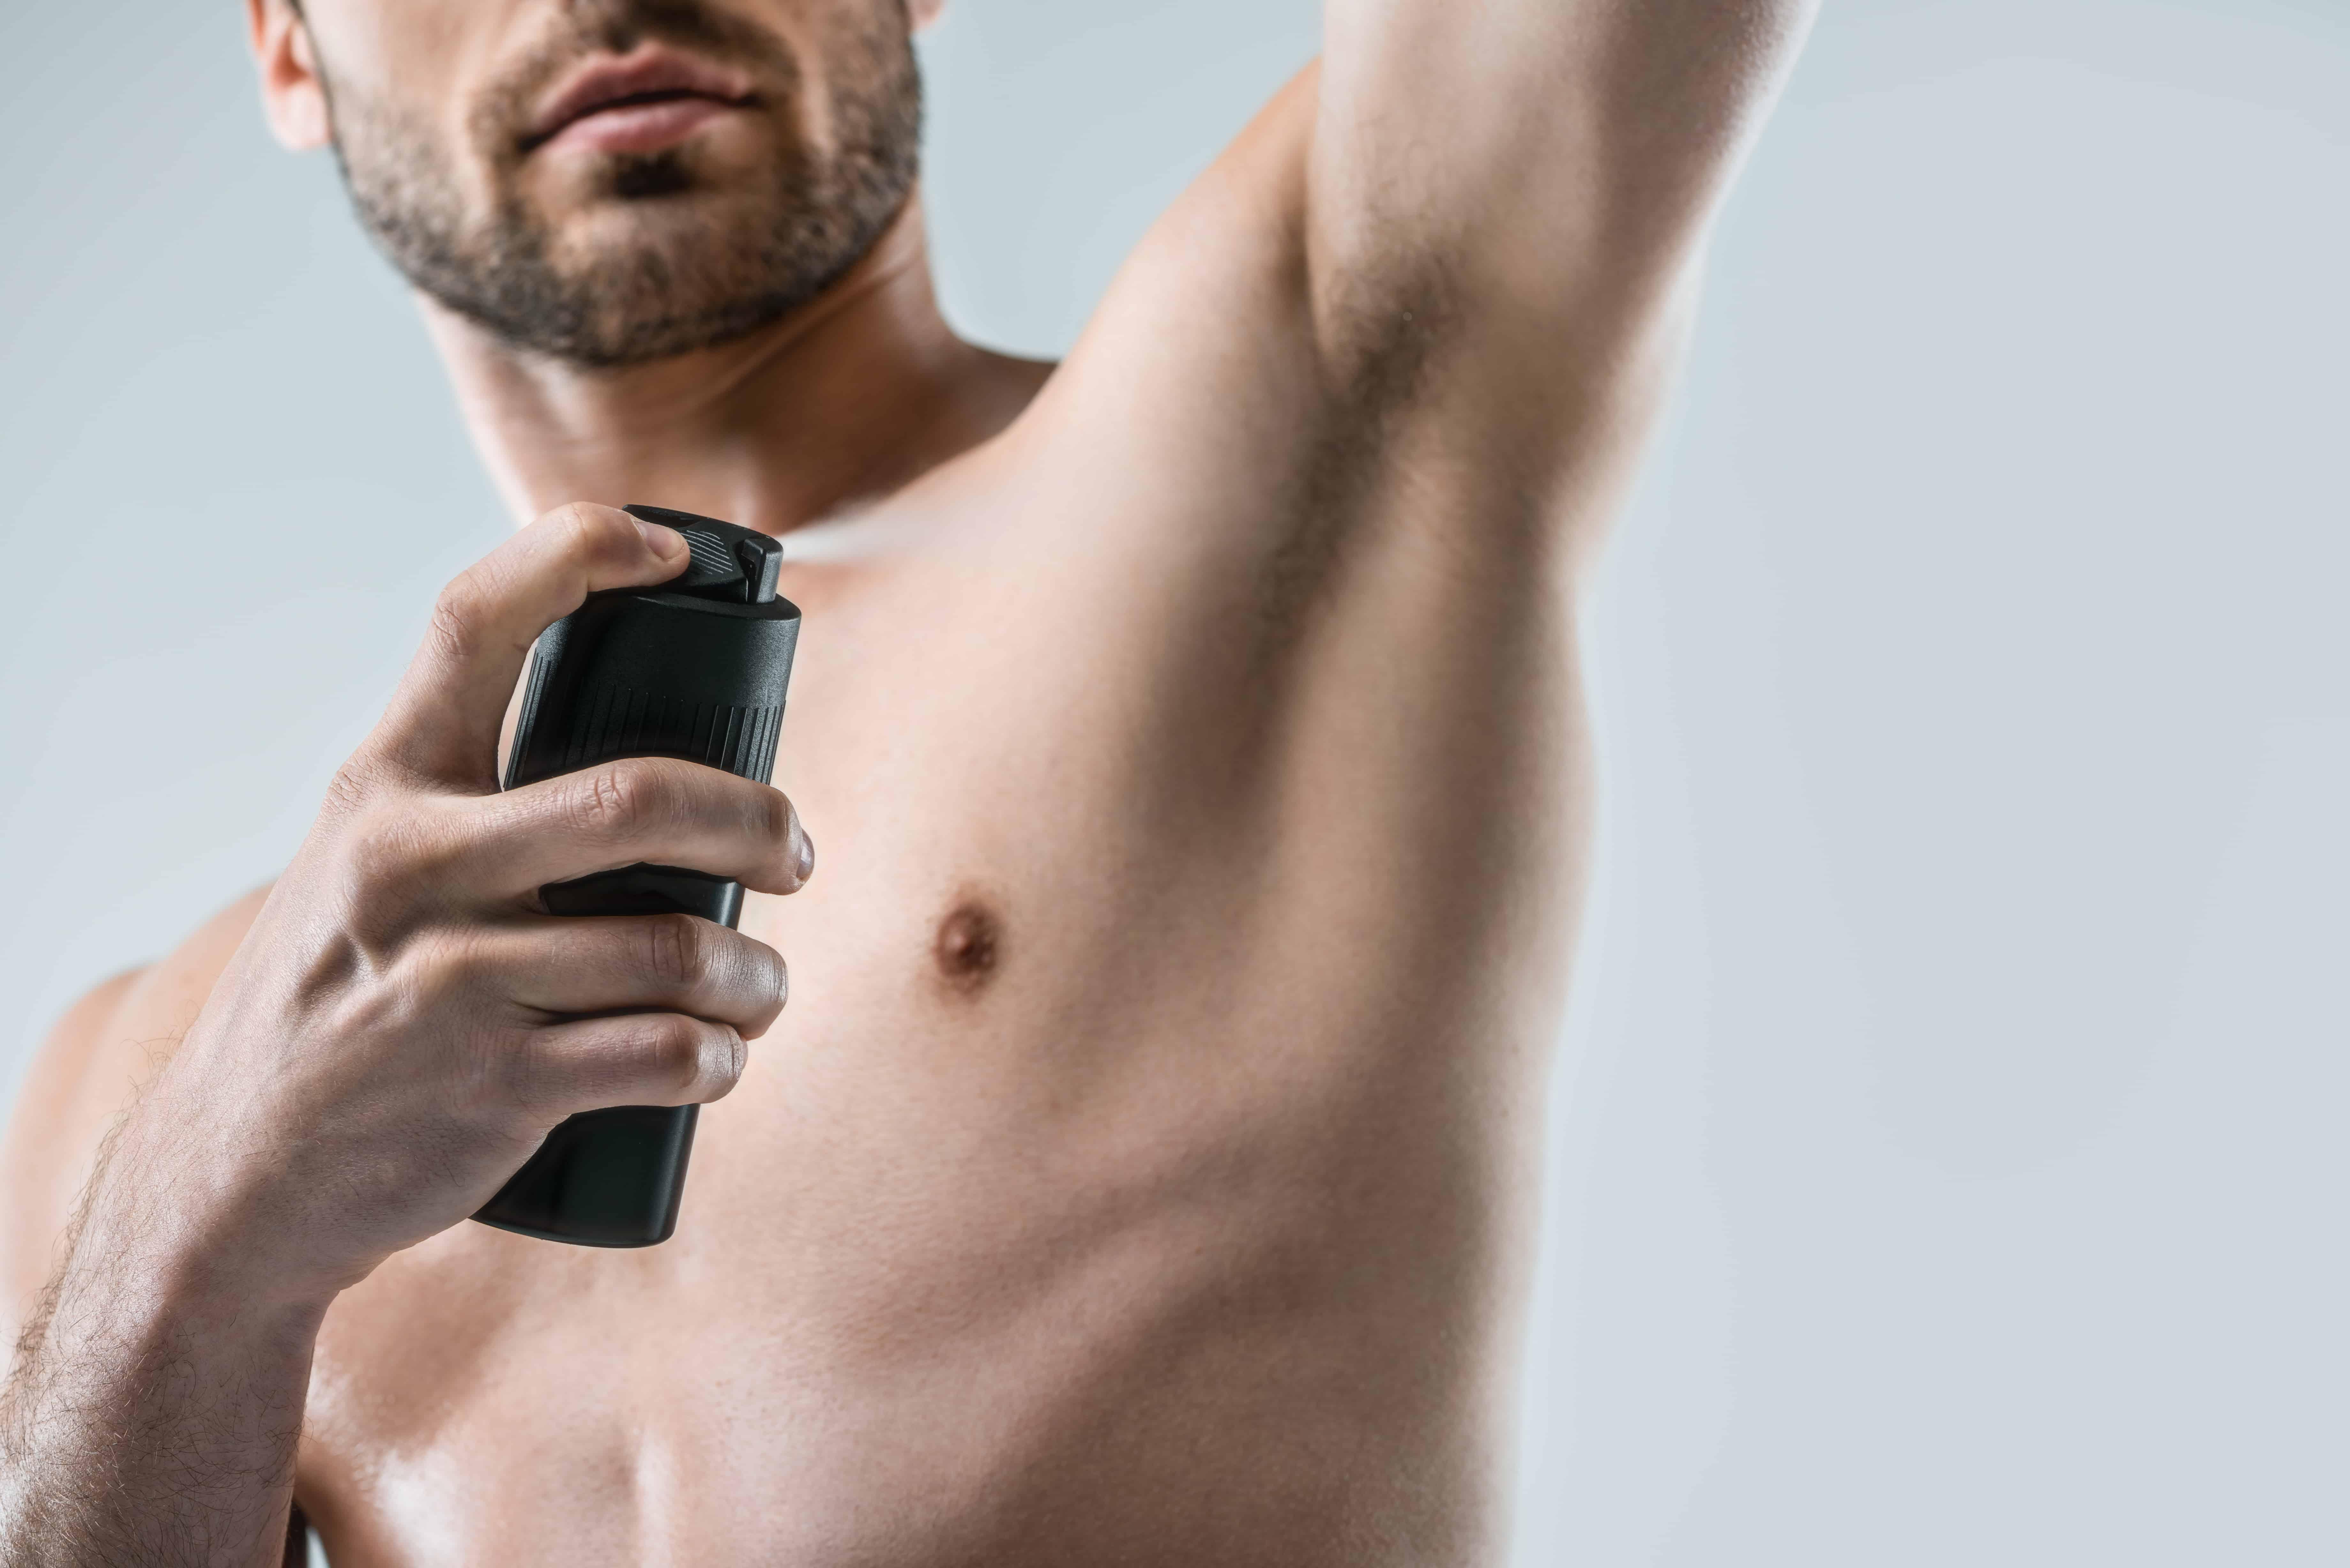 How Do You Get Rid Of Body Odor Using Essential Oils and 5